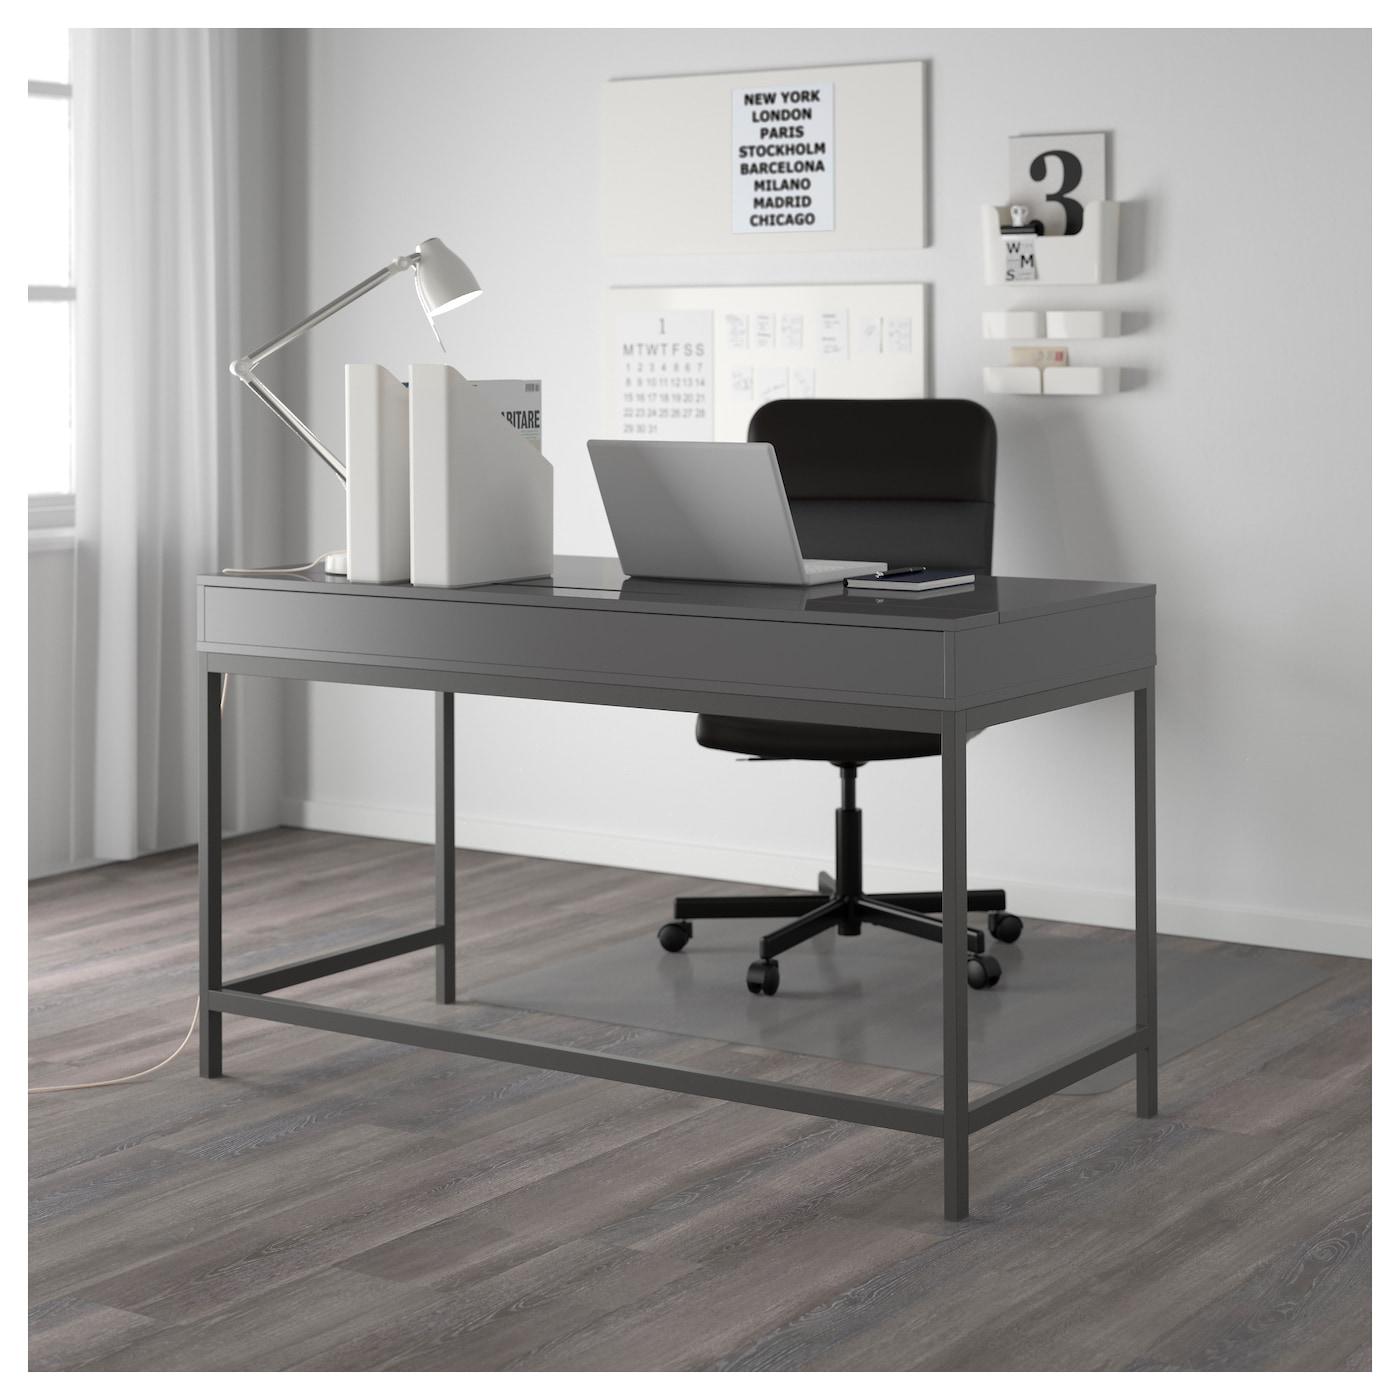 alex bureau gris 131 x 60 cm ikea. Black Bedroom Furniture Sets. Home Design Ideas